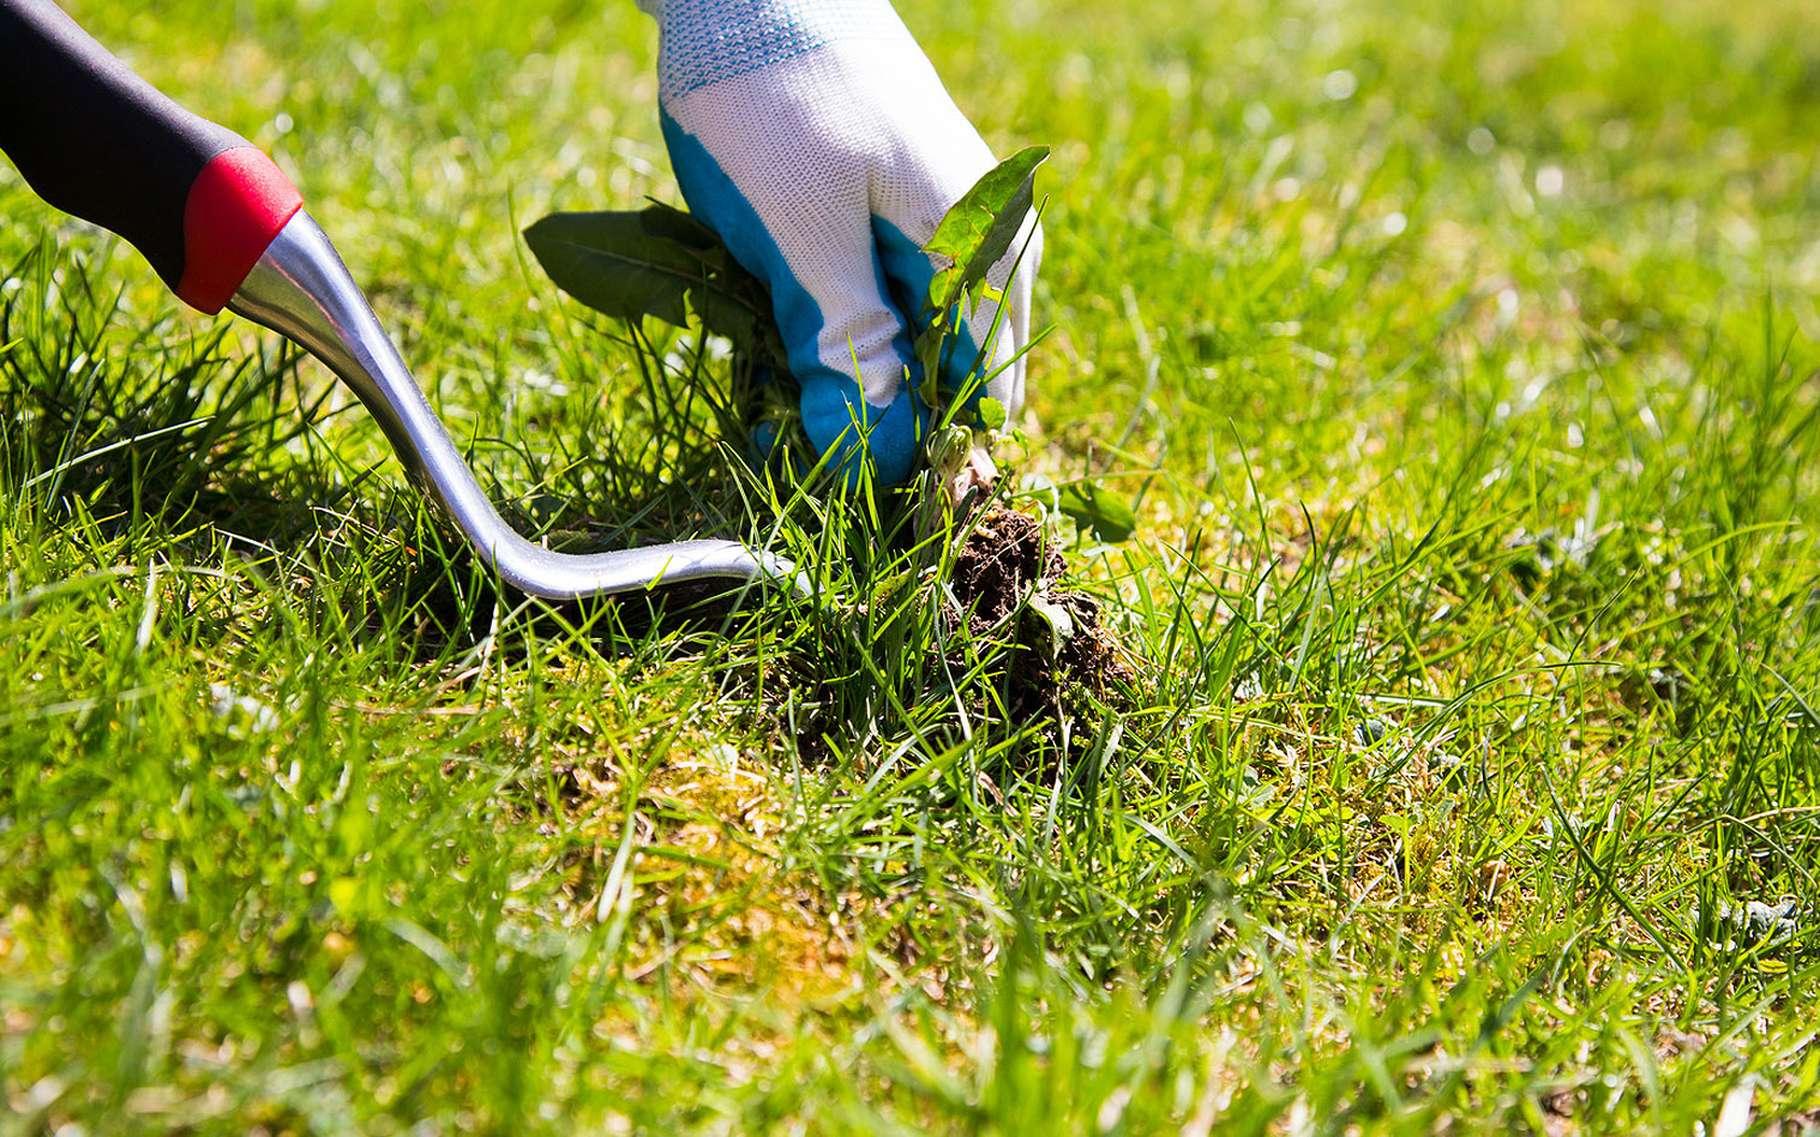 Comment désherber sans utiliser un herbicide. © Amyinlondon, Fotolia